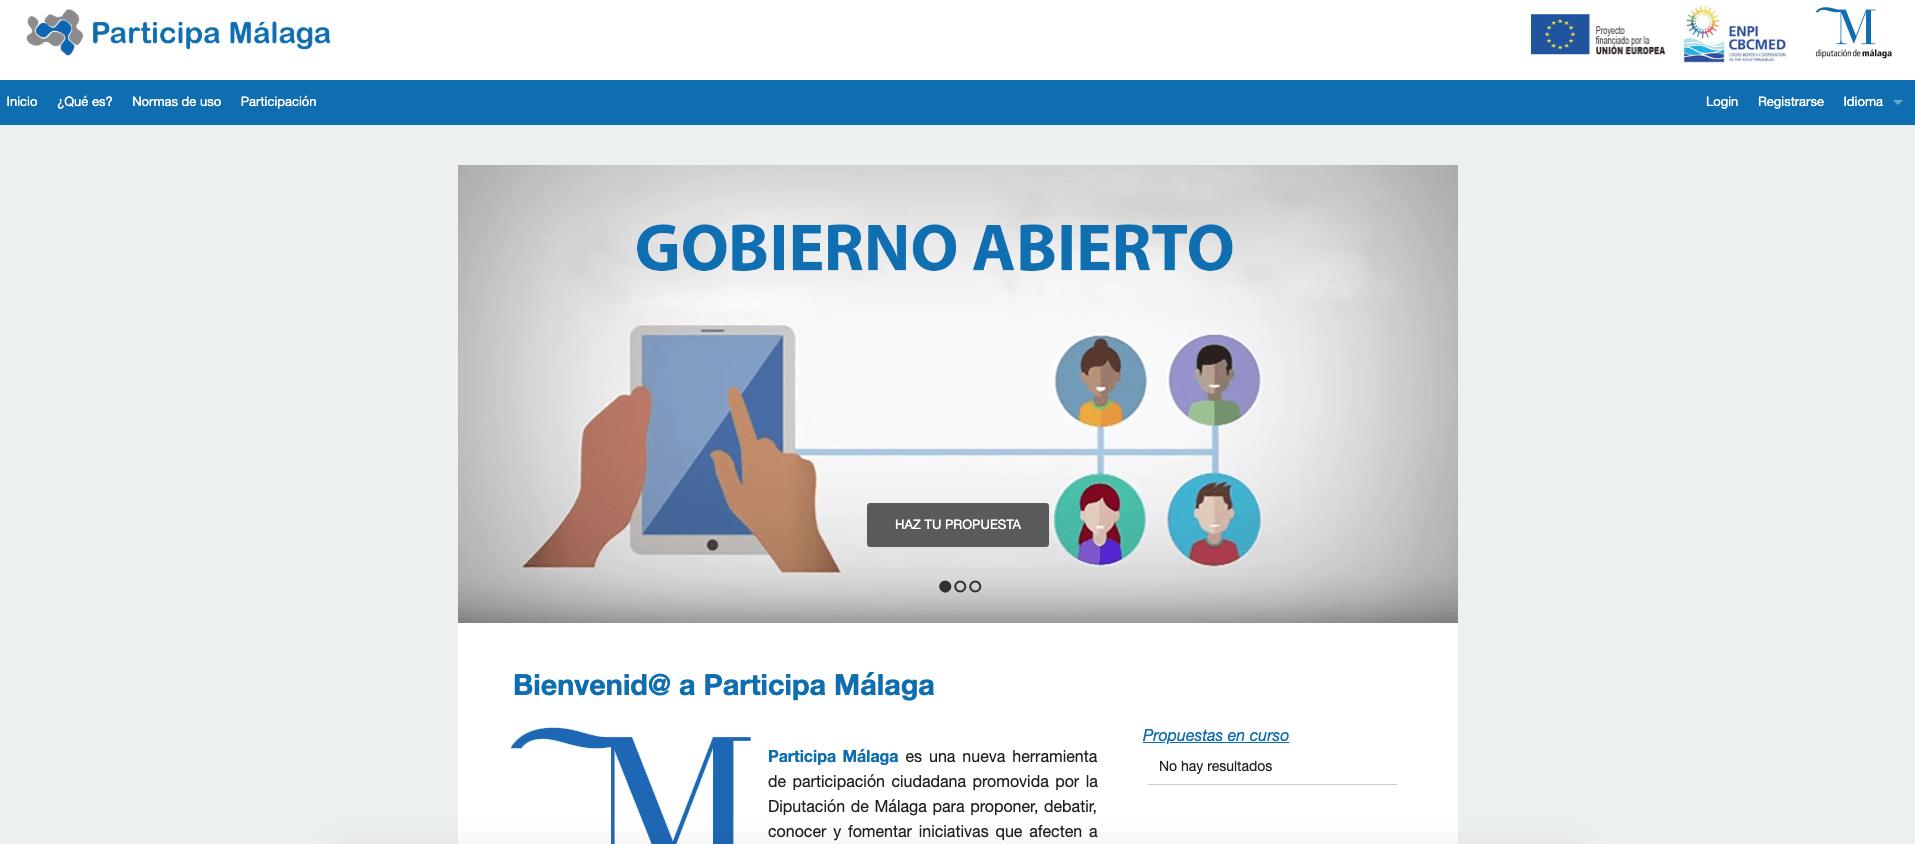 Imagen de la noticia Participa Málaga